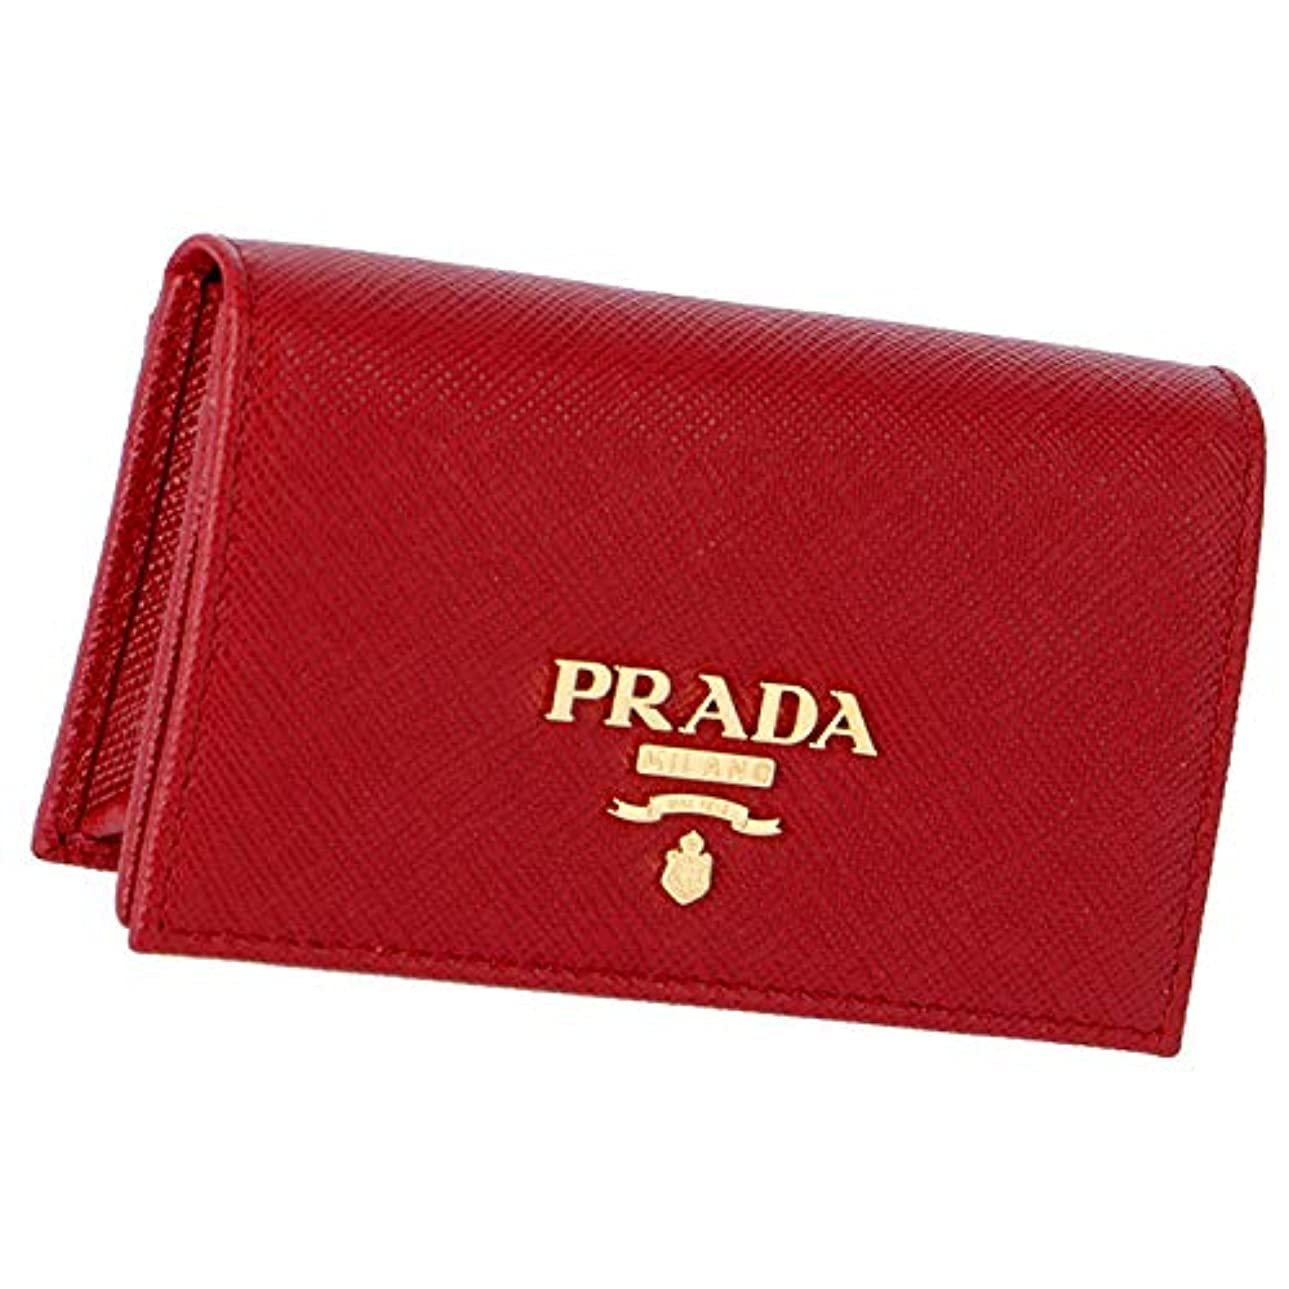 行進進行中素晴らしい良い多くのPRADA(プラダ) 名刺入れ サフィアーノ カードケース 1MC122 QWA 68Z [並行輸入品]